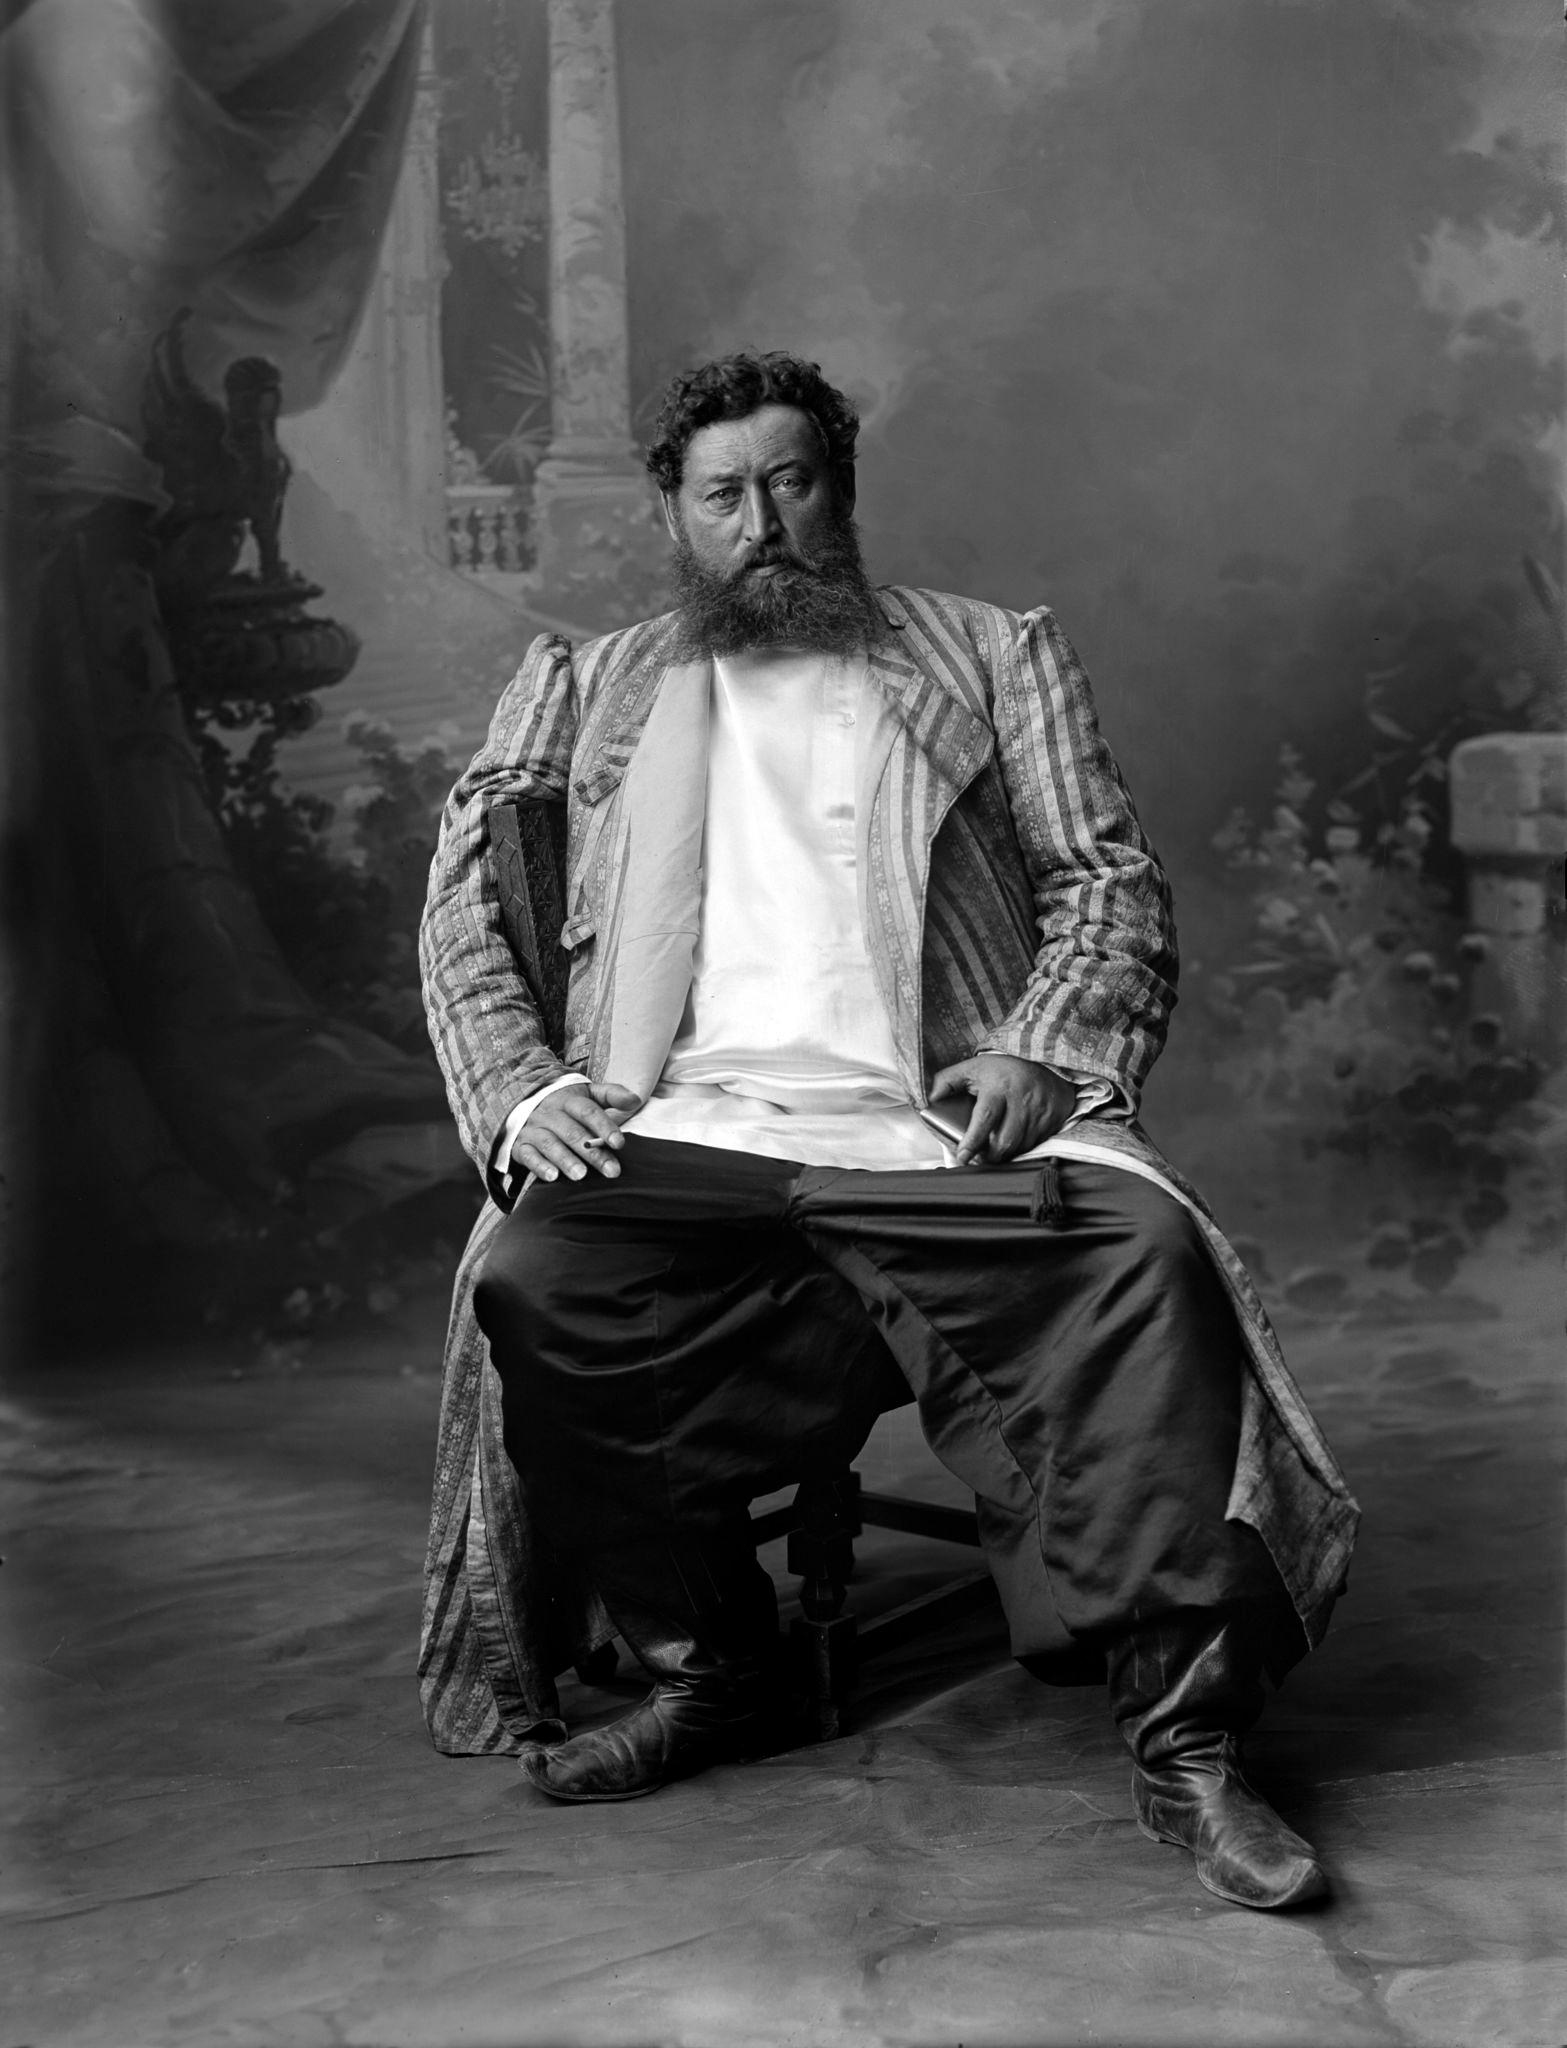 Портрет купца Ознобишина - поставщика железнодорожных шпал